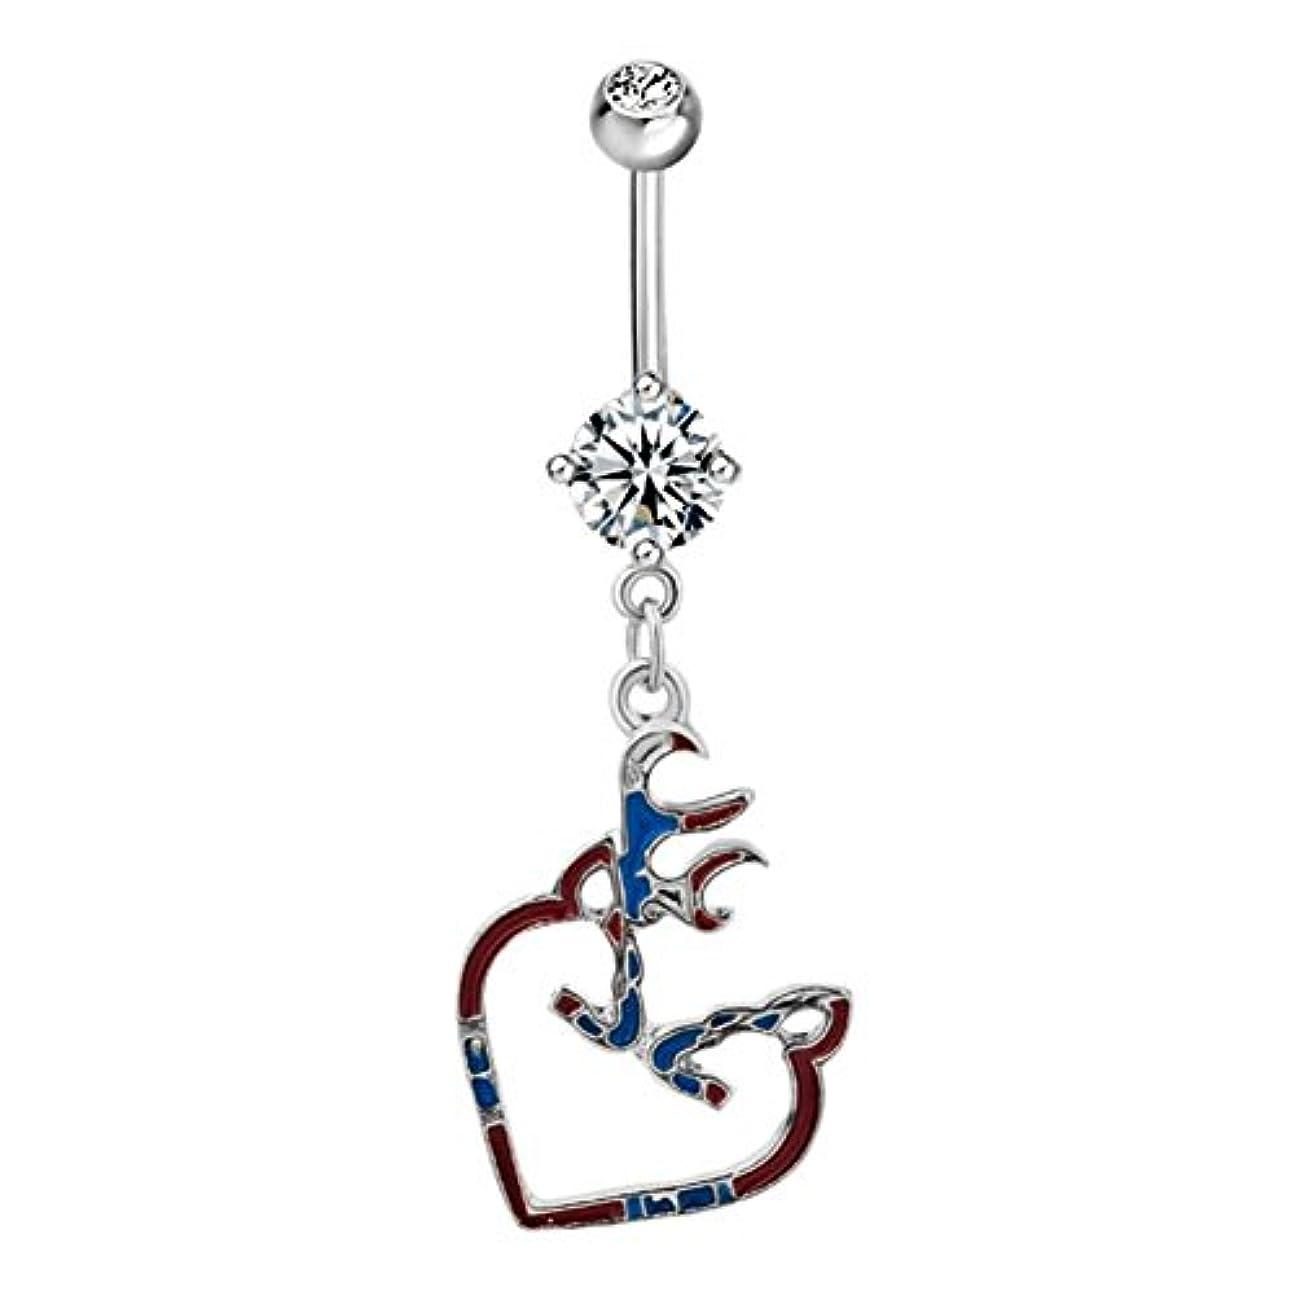 ビジョン囲い敗北luckyjewelryハートベリーボタンセクシーキュートリングダングル316lサージカルスチールボディジュエリーピアス